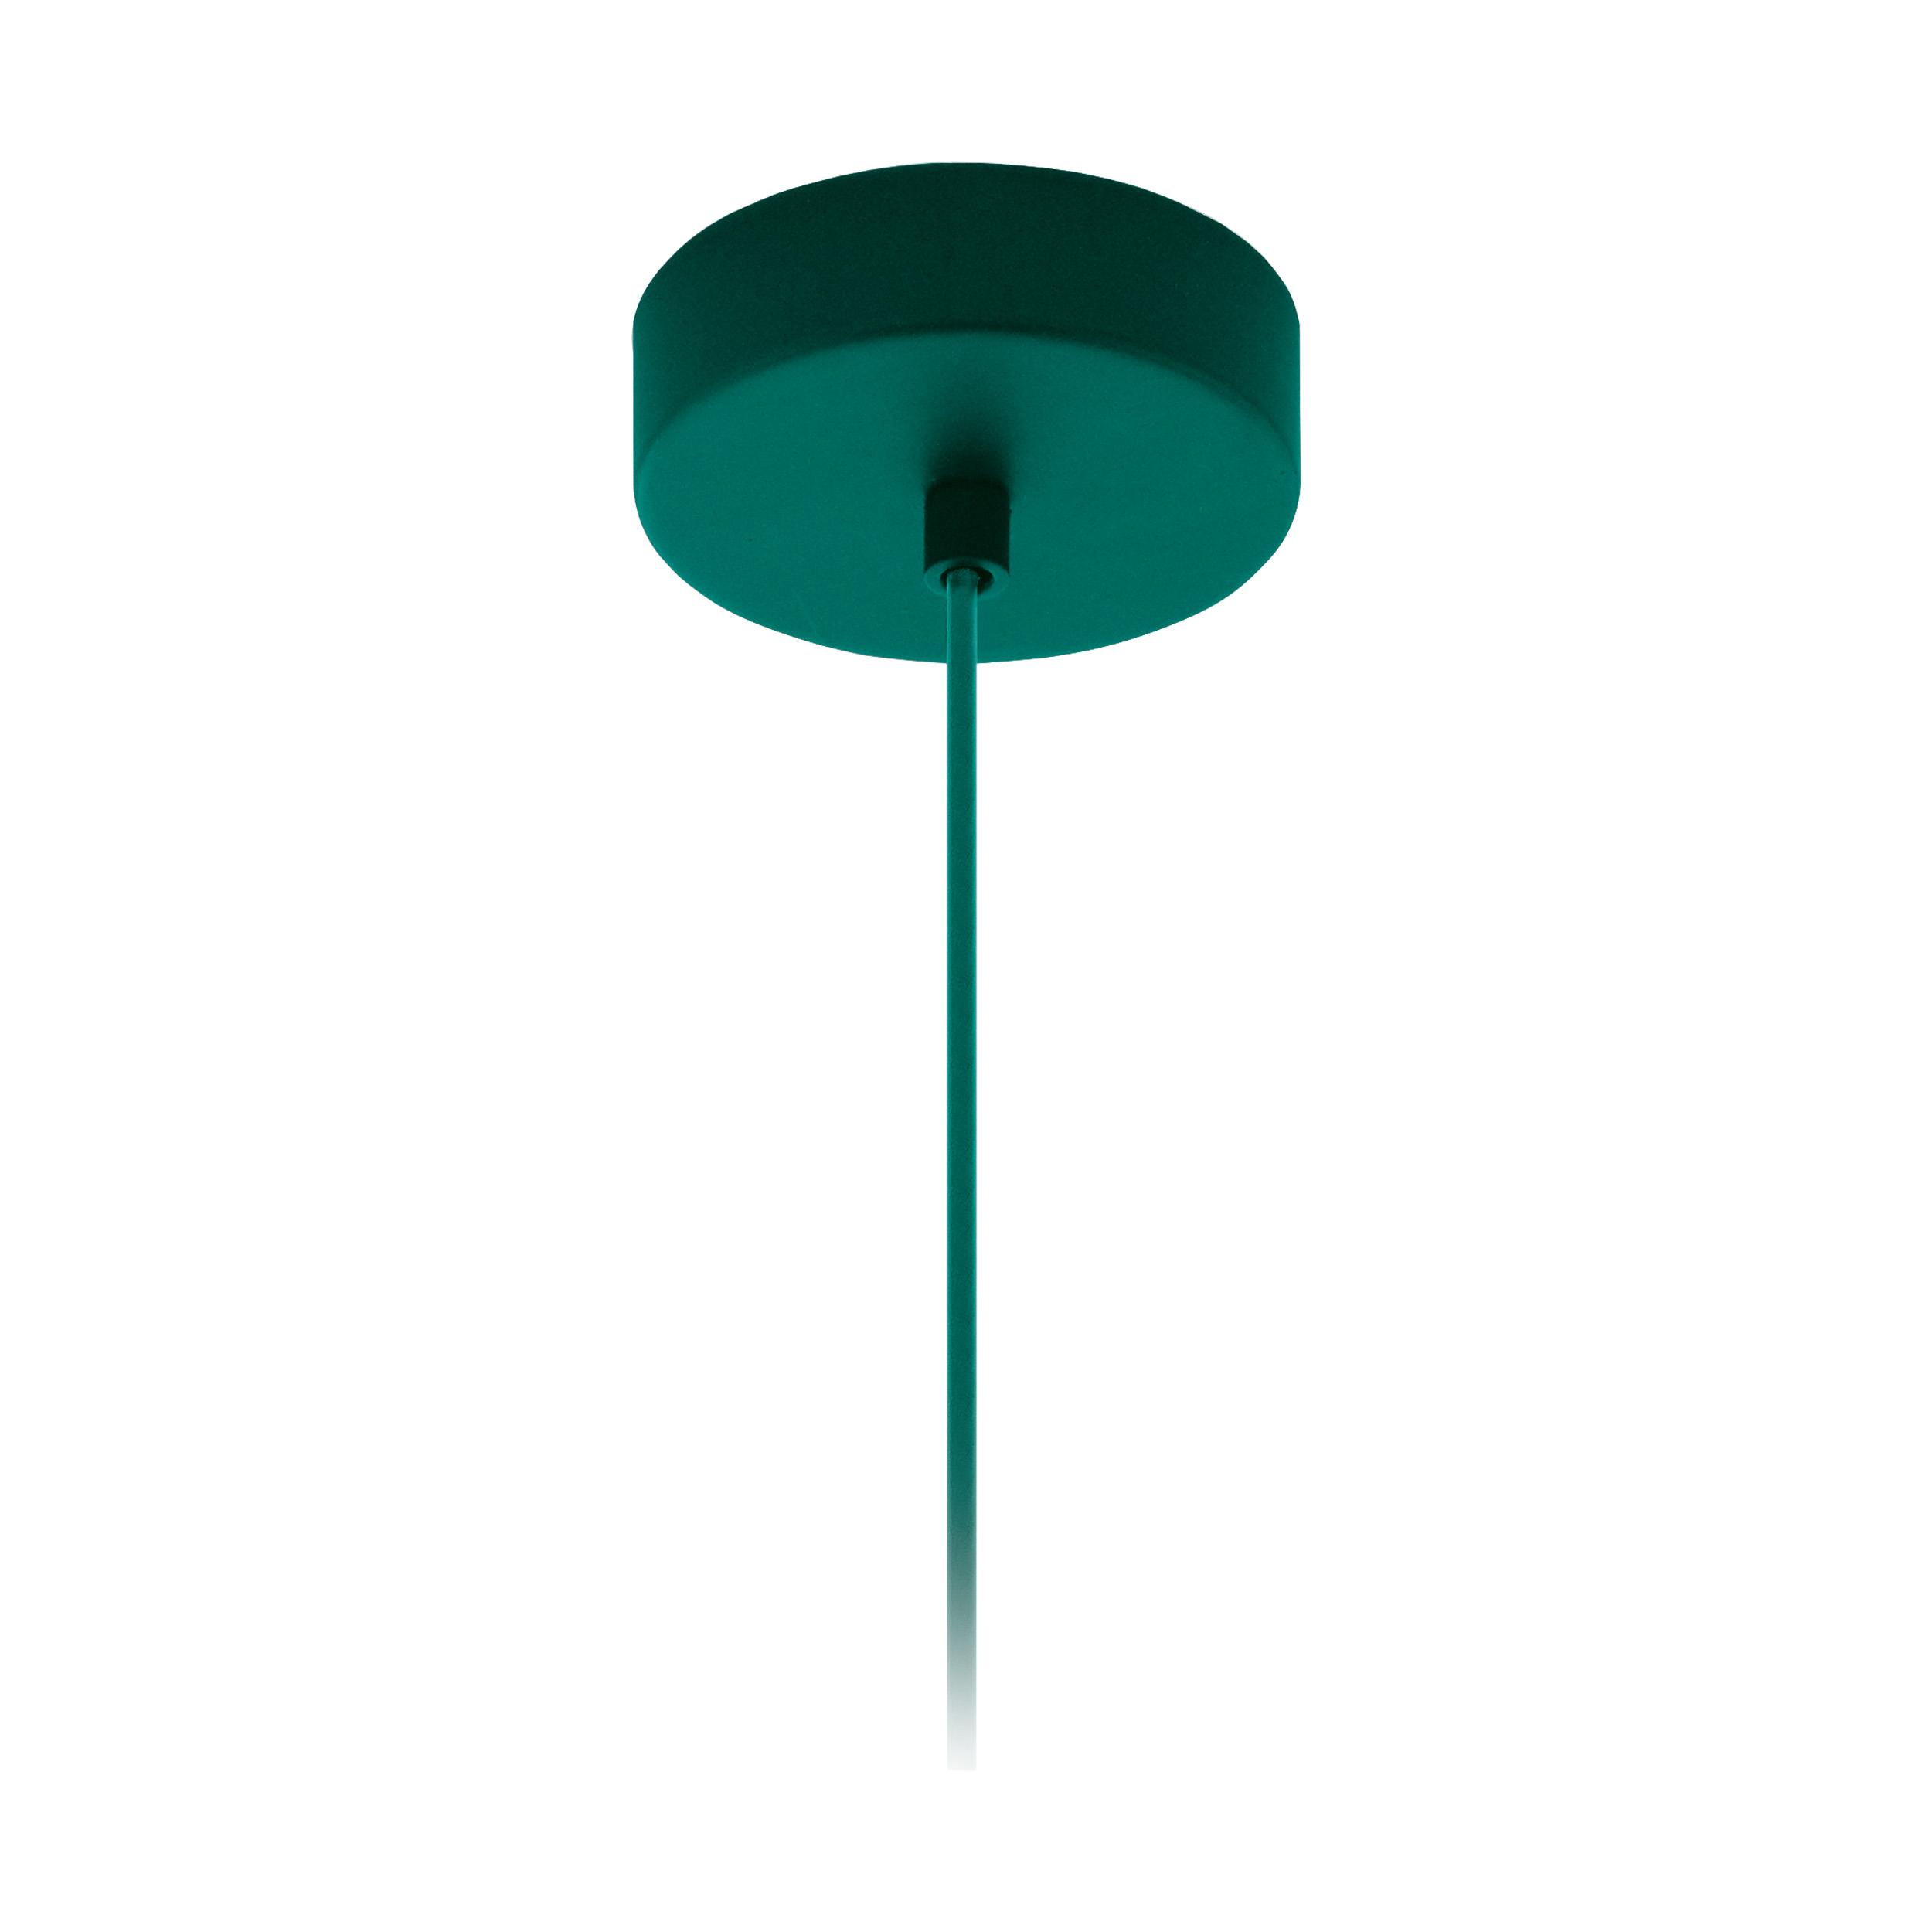 1 Stk Baldachin 1-fach, Aufbau opalgrün (RAL 6026)  LI62763---